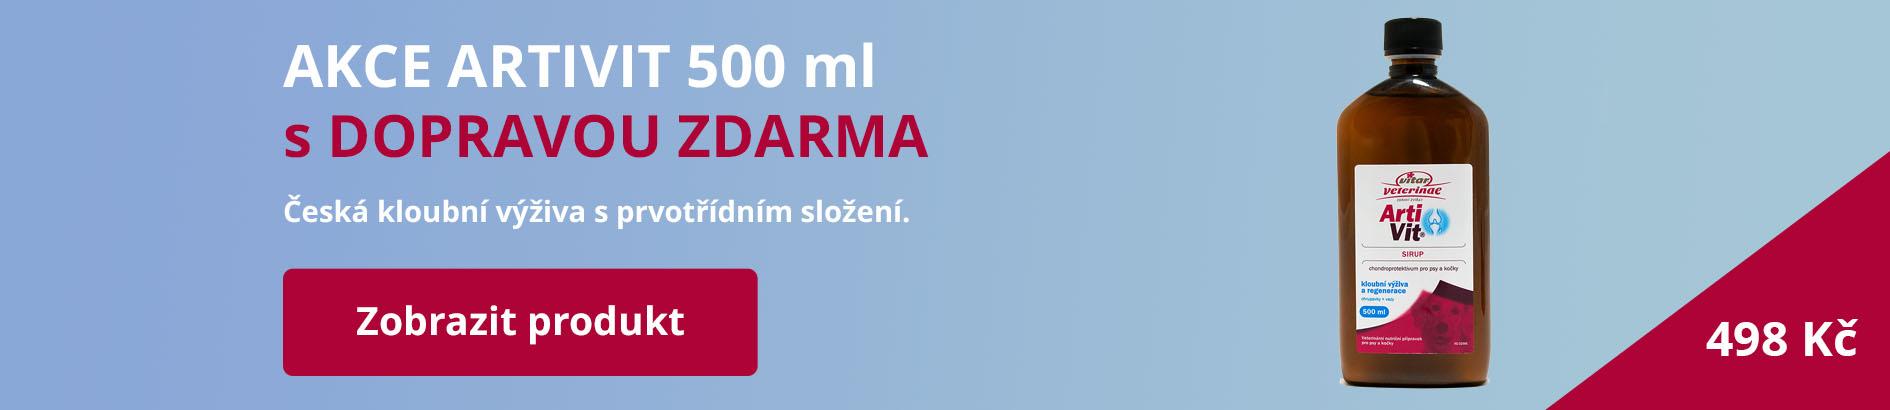 Artivit 500 ml v akci s dopravou zdarma